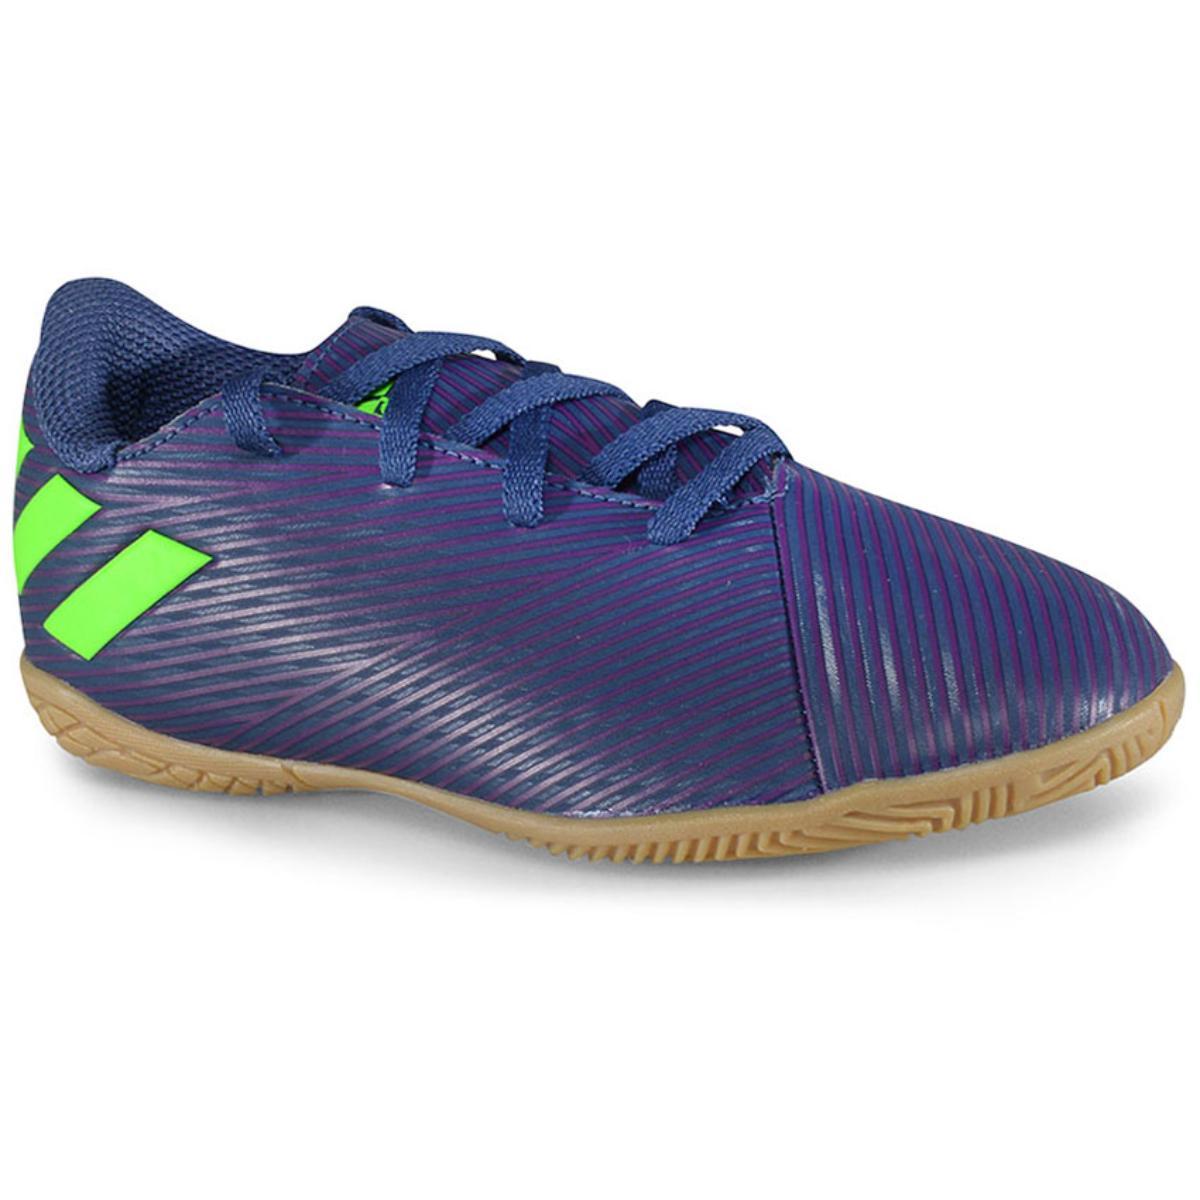 Tênis Masc Infantil Adidas Ef1817 Nmz Messi 19.4 in jr Marinho/roxo/limão